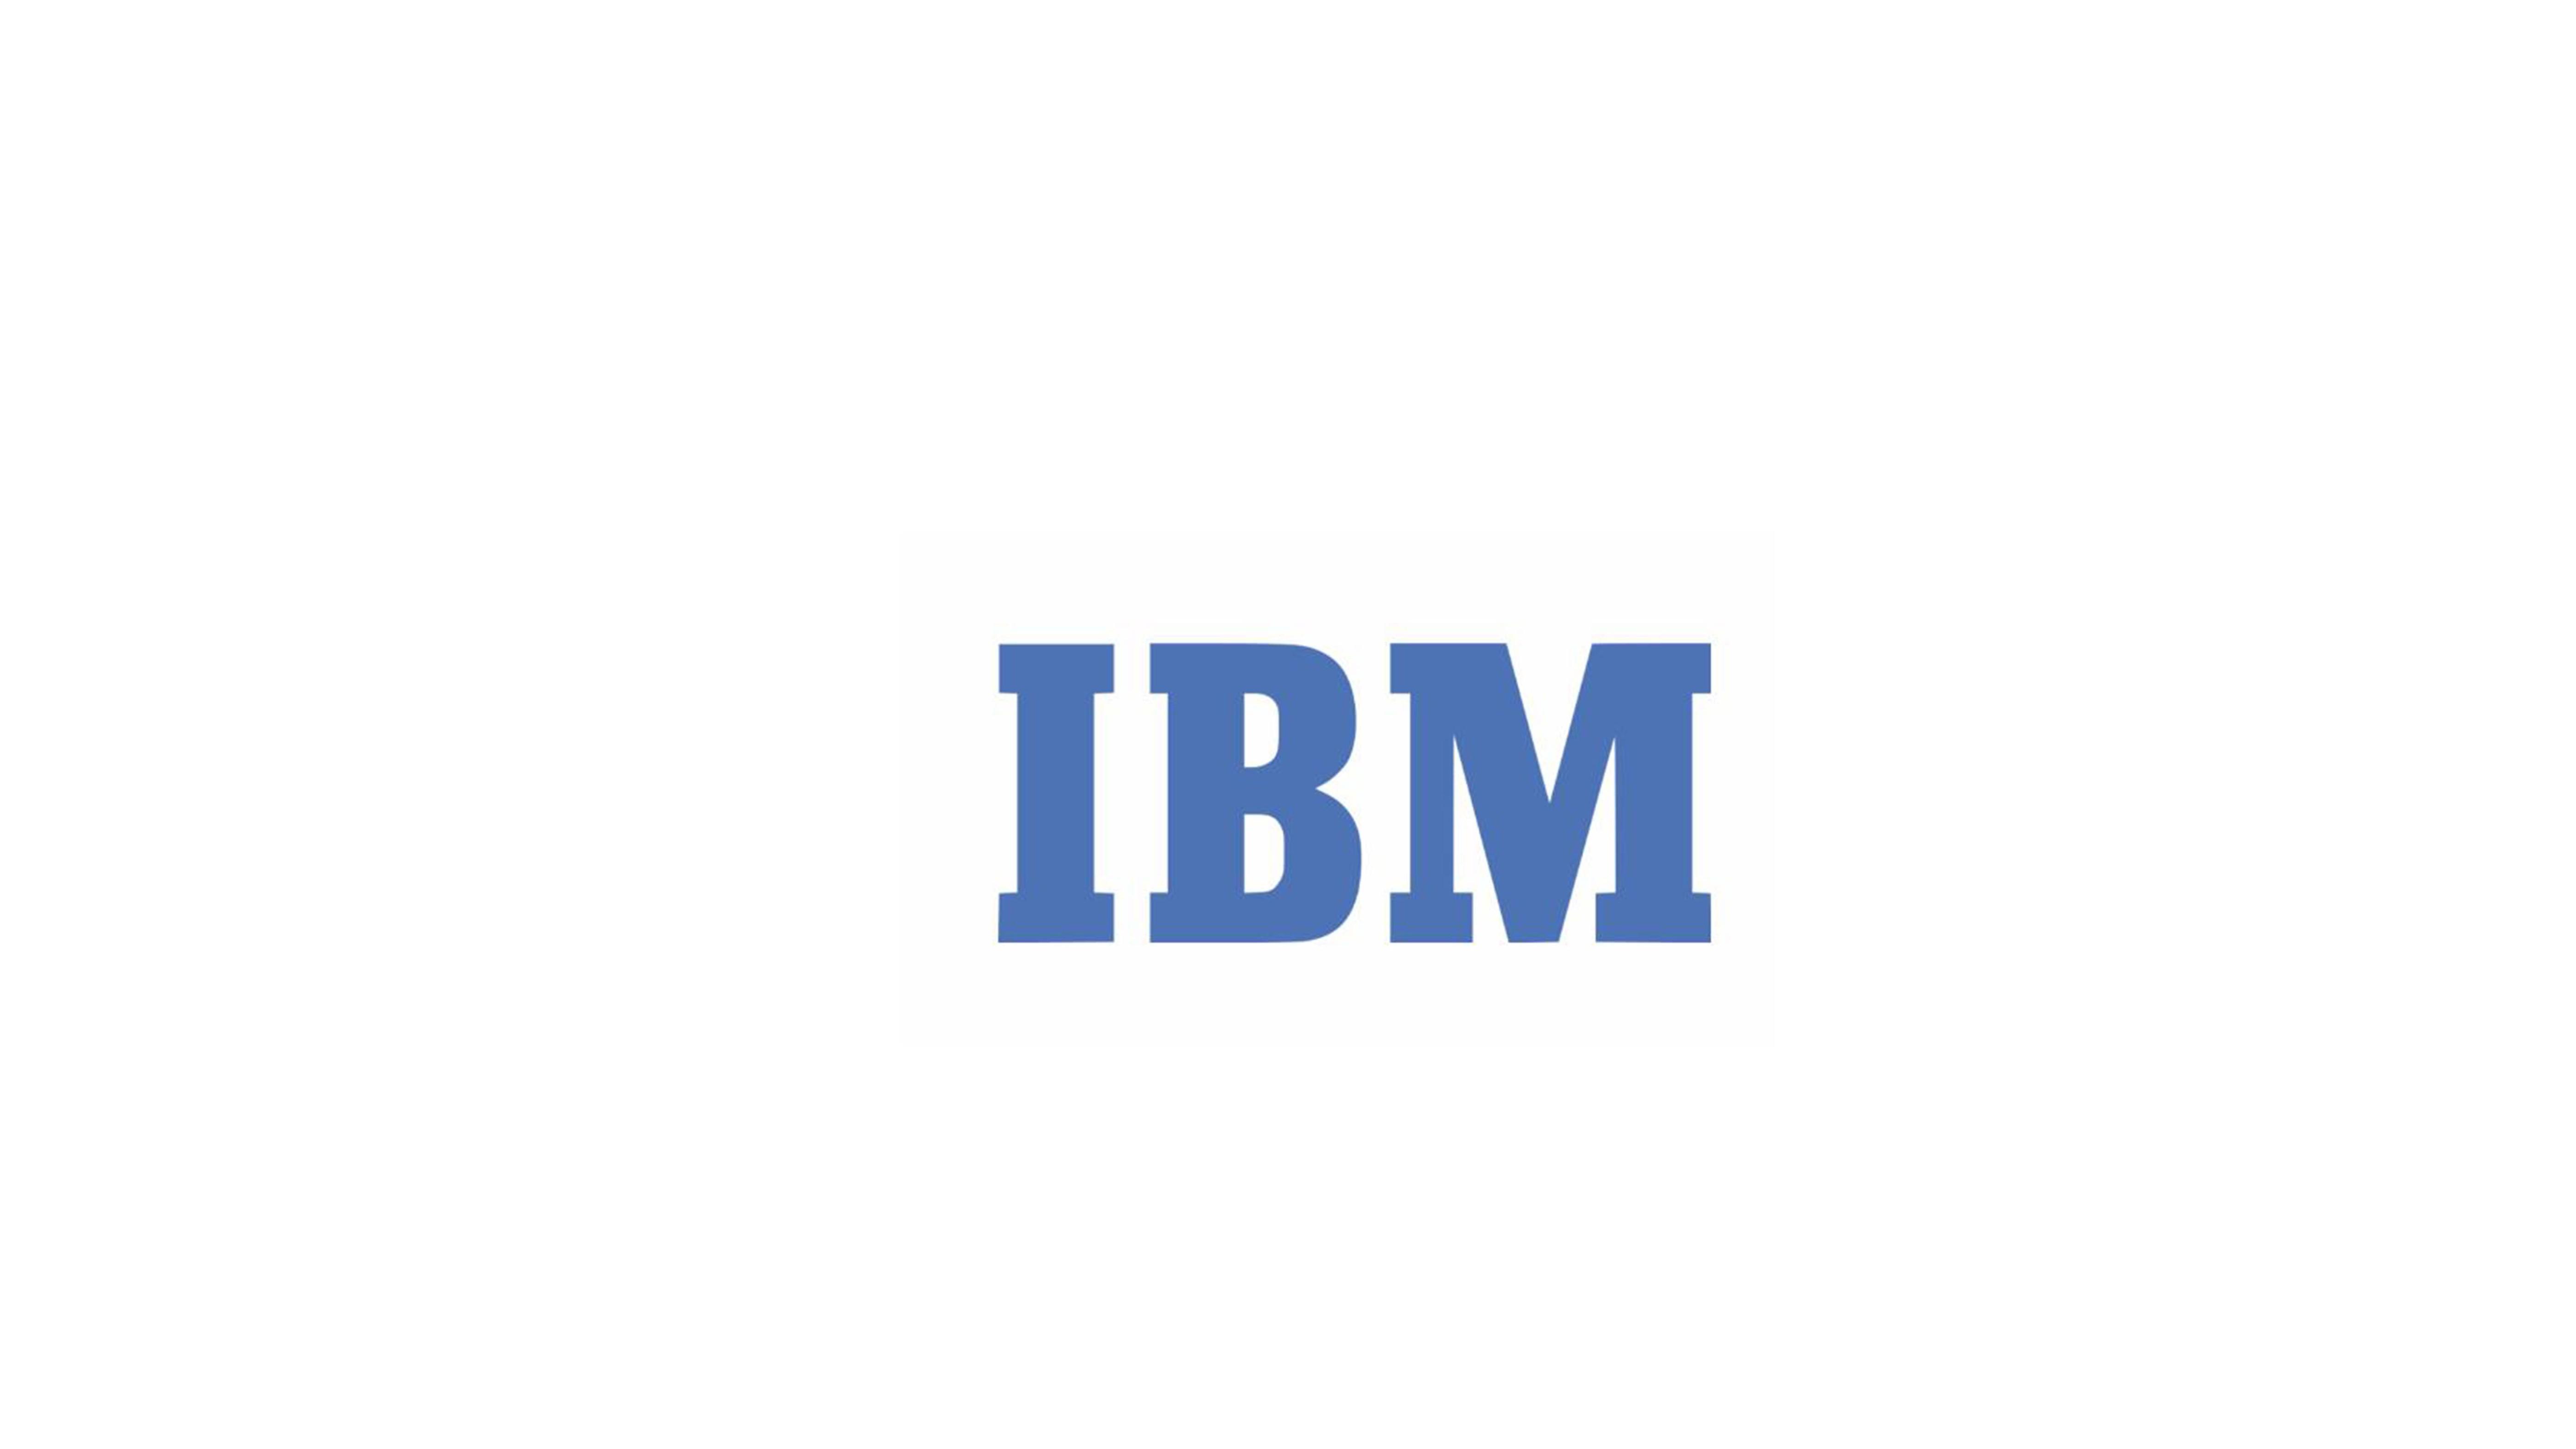 IBM国际商业机器的历史LOGO